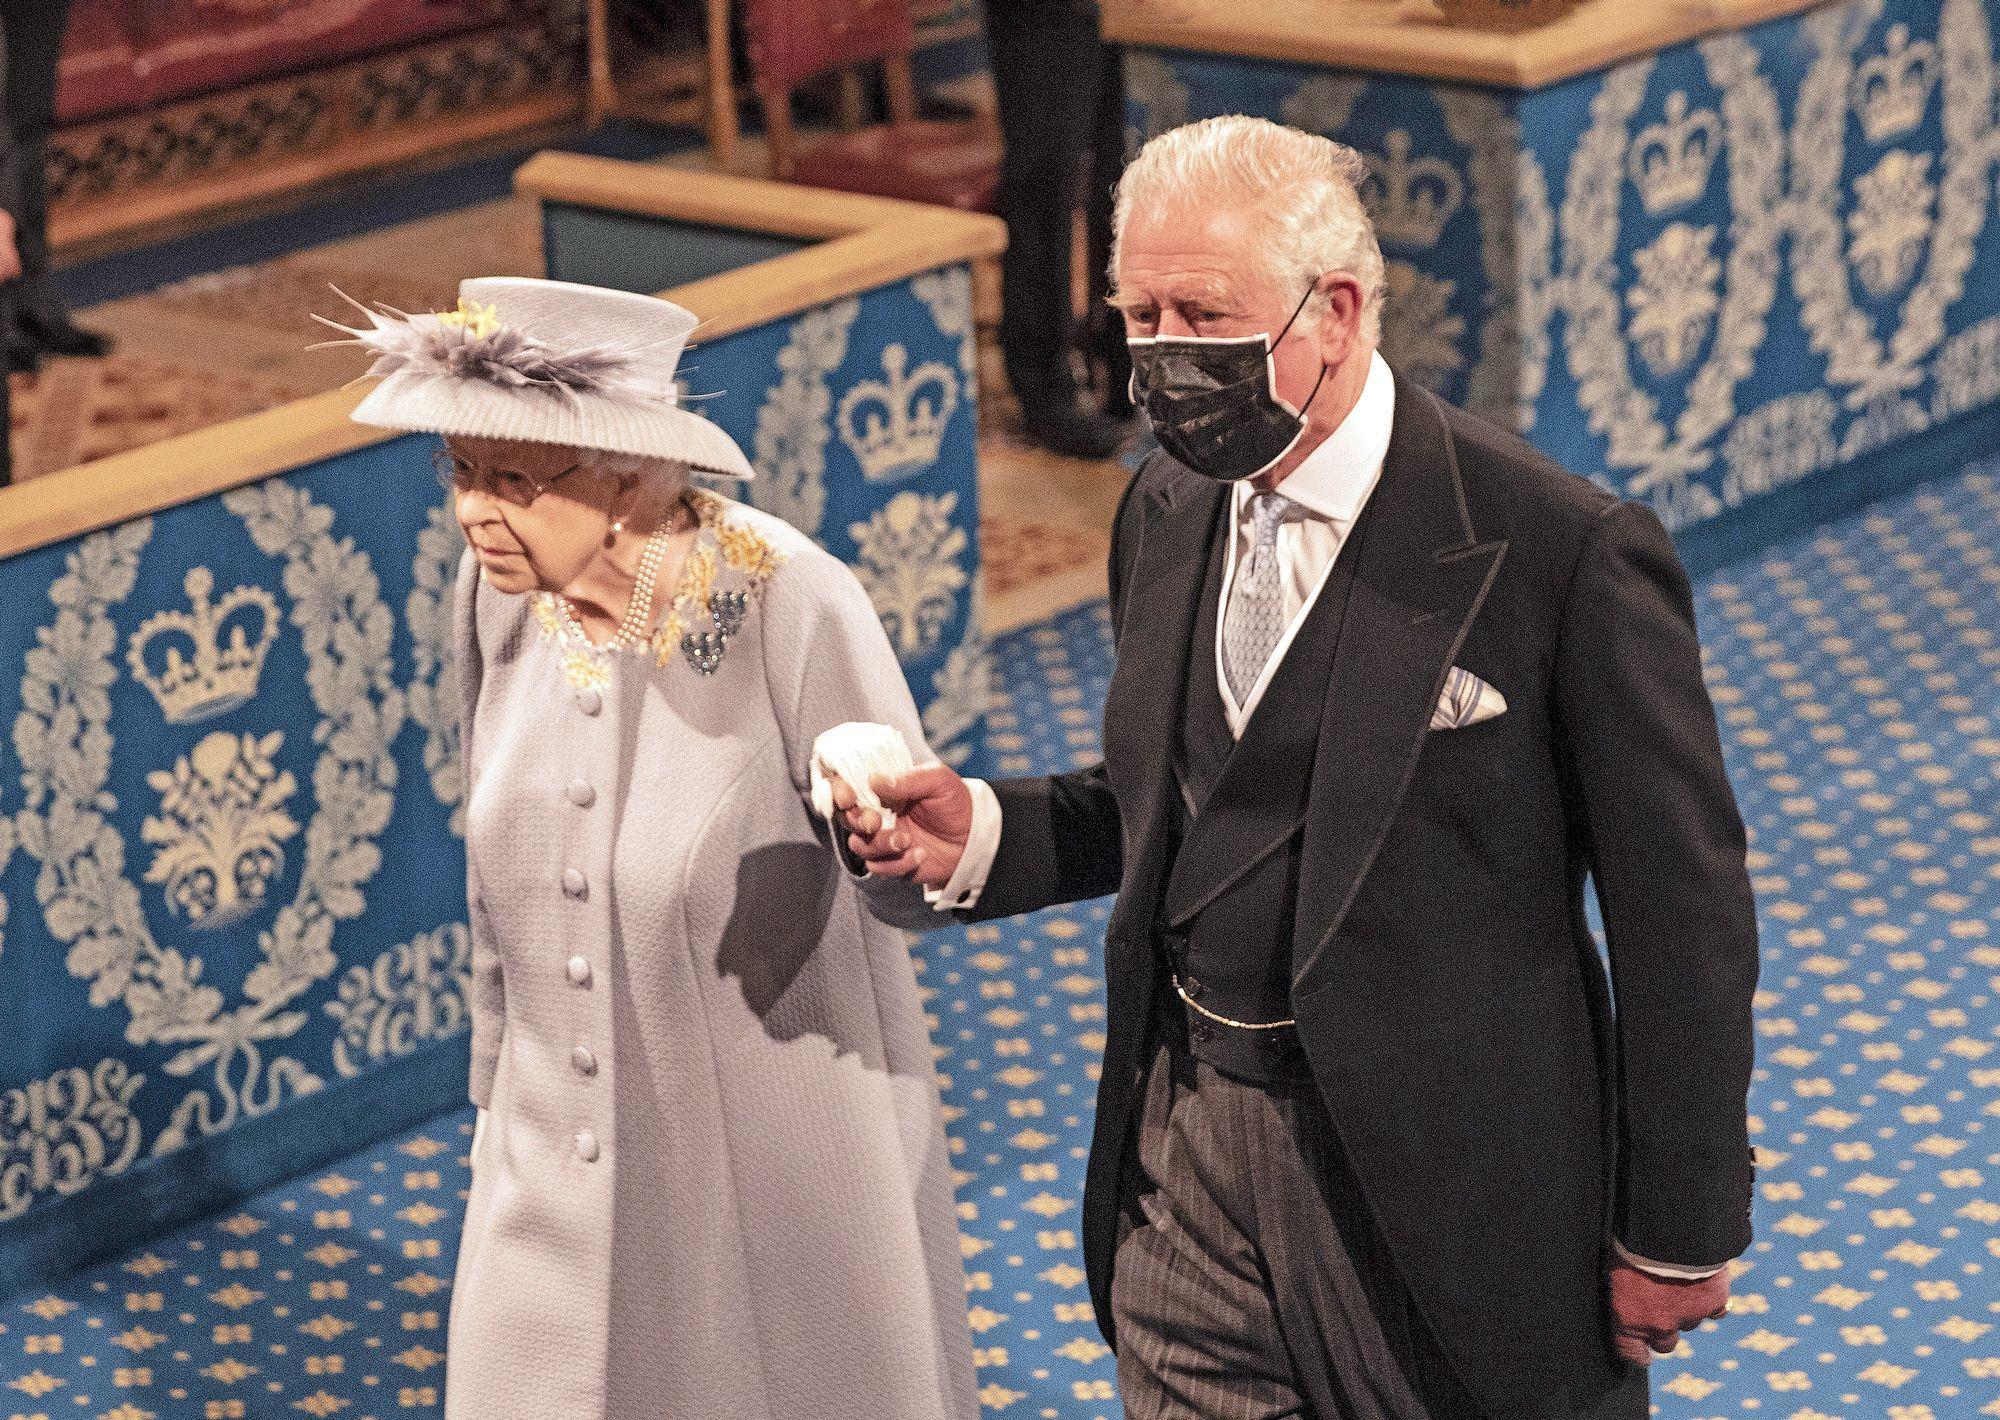 Tuleva kuningas prinssi Charles, 72, saattoi äitinsä parlamentin avajaisiin. Prinssi on ottanut yhä enemmän vastuuta edustustehtäviä kuningattaren harteilta ja peri Philipiltä perheen johtohahmon roolin sisäisissä asioissa. © MvPhotos